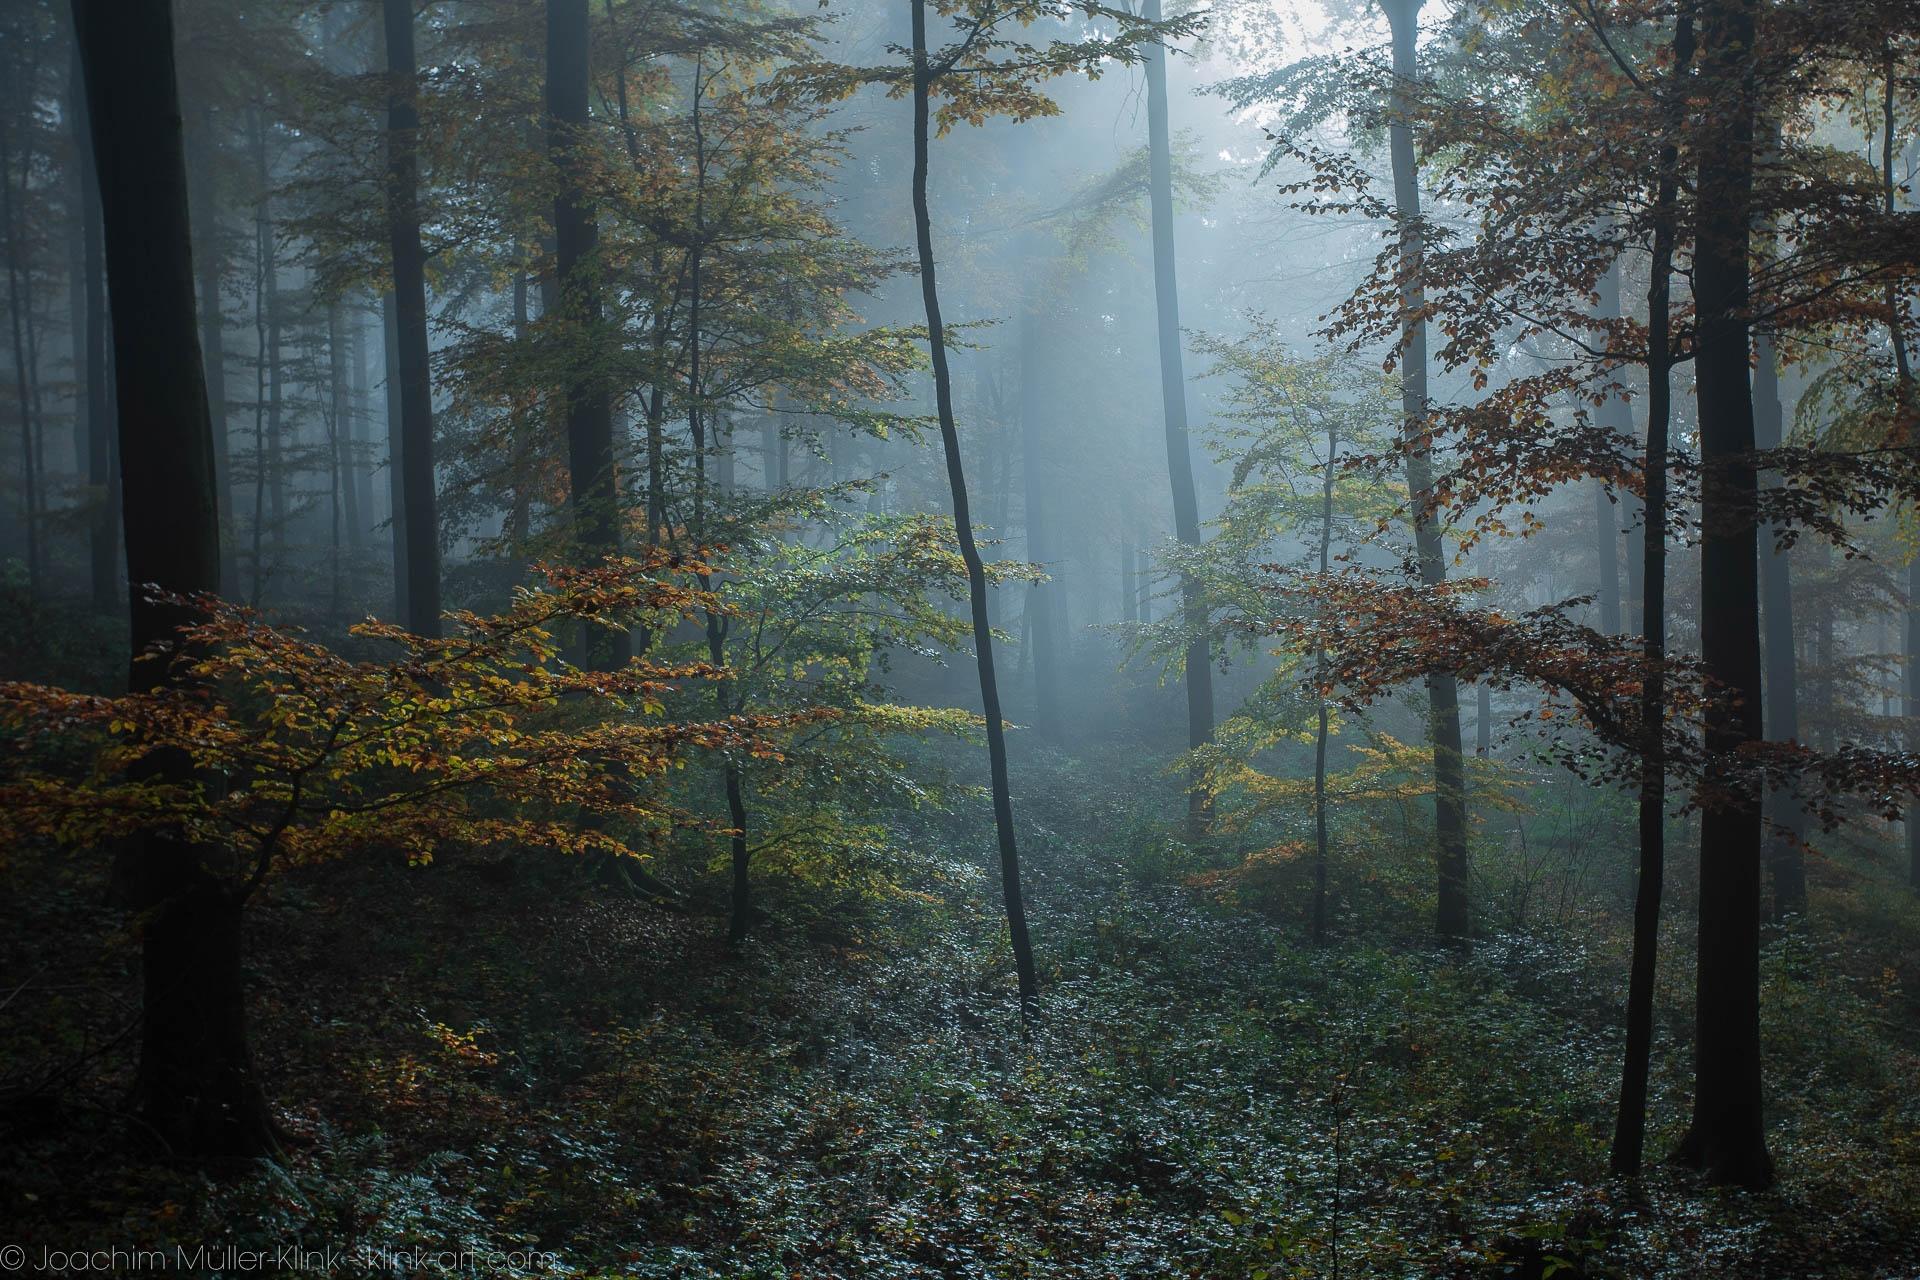 Geheimnisvoller Wald - Mysterious forest